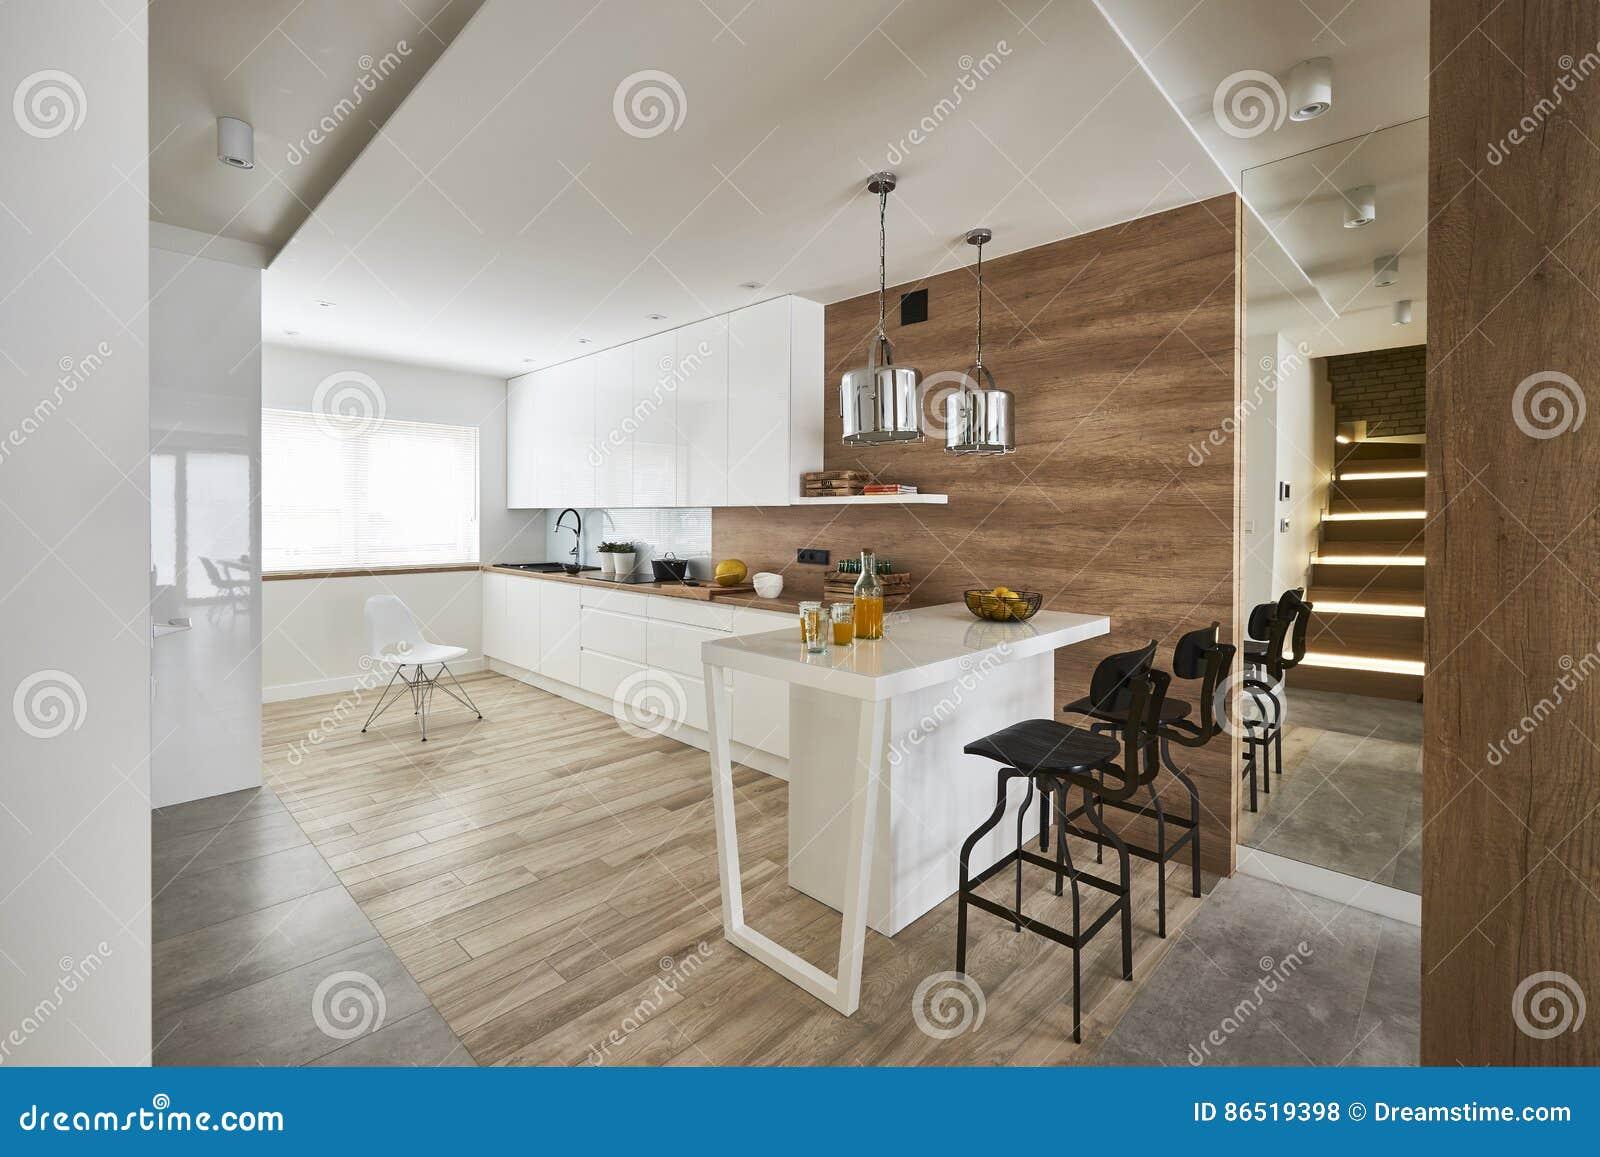 Moderne Kuche Mit Miror Und Weissen Braunen Wanden Redaktionelles